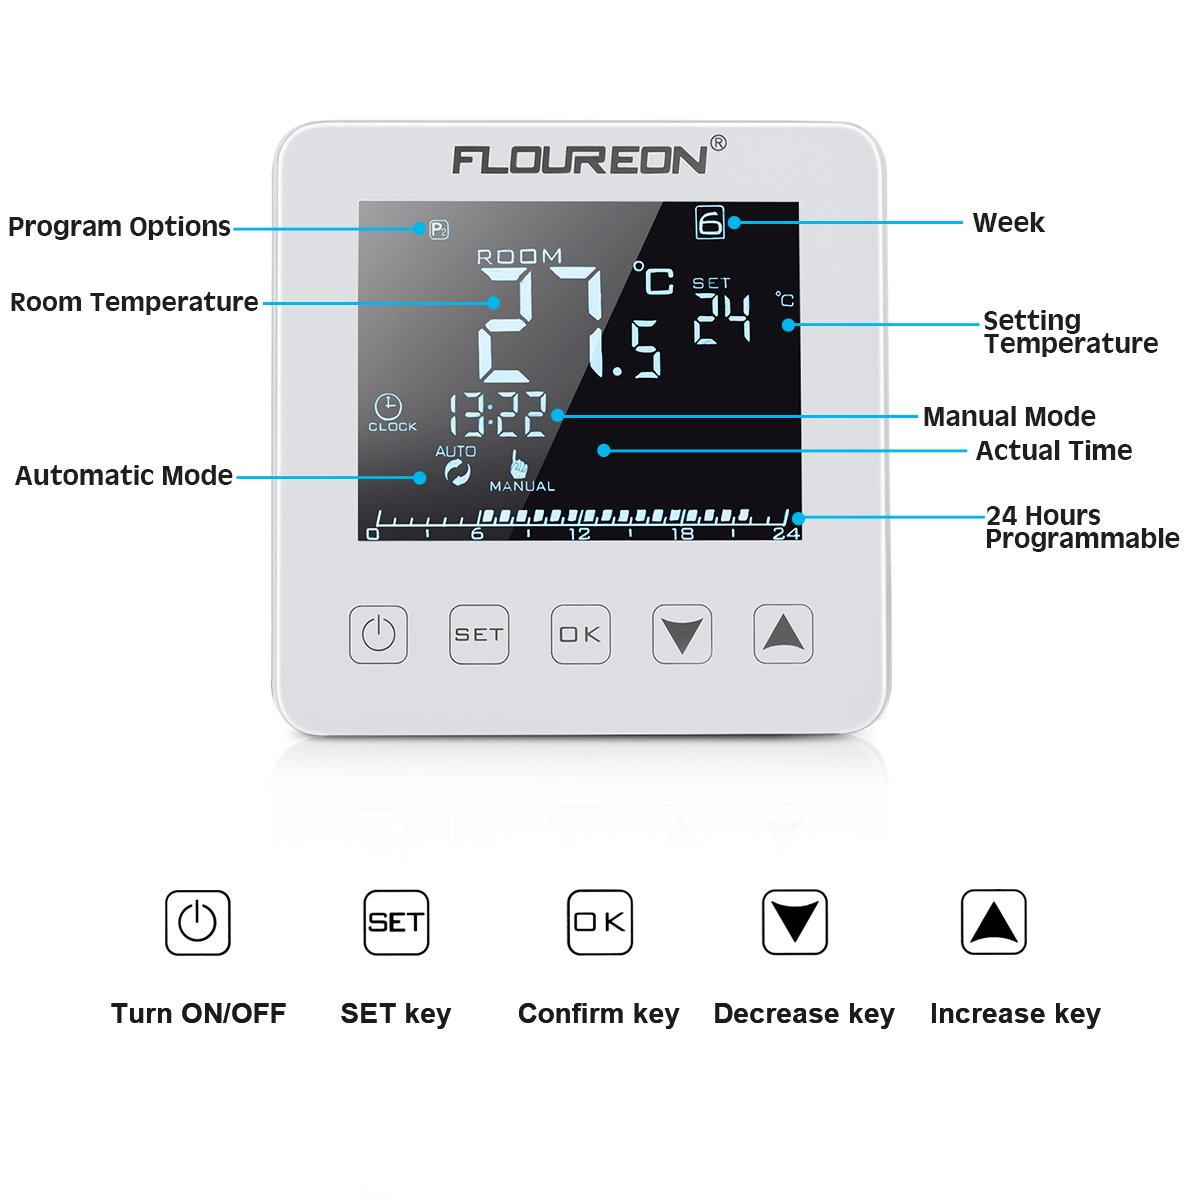 Floureon Raumthermostat Thermostat elektrische Heizung Touchscreen mit gro/ßen LCD-Display Temperaturregler Digital Smart Programmierbare Fu/ßbodenheizung